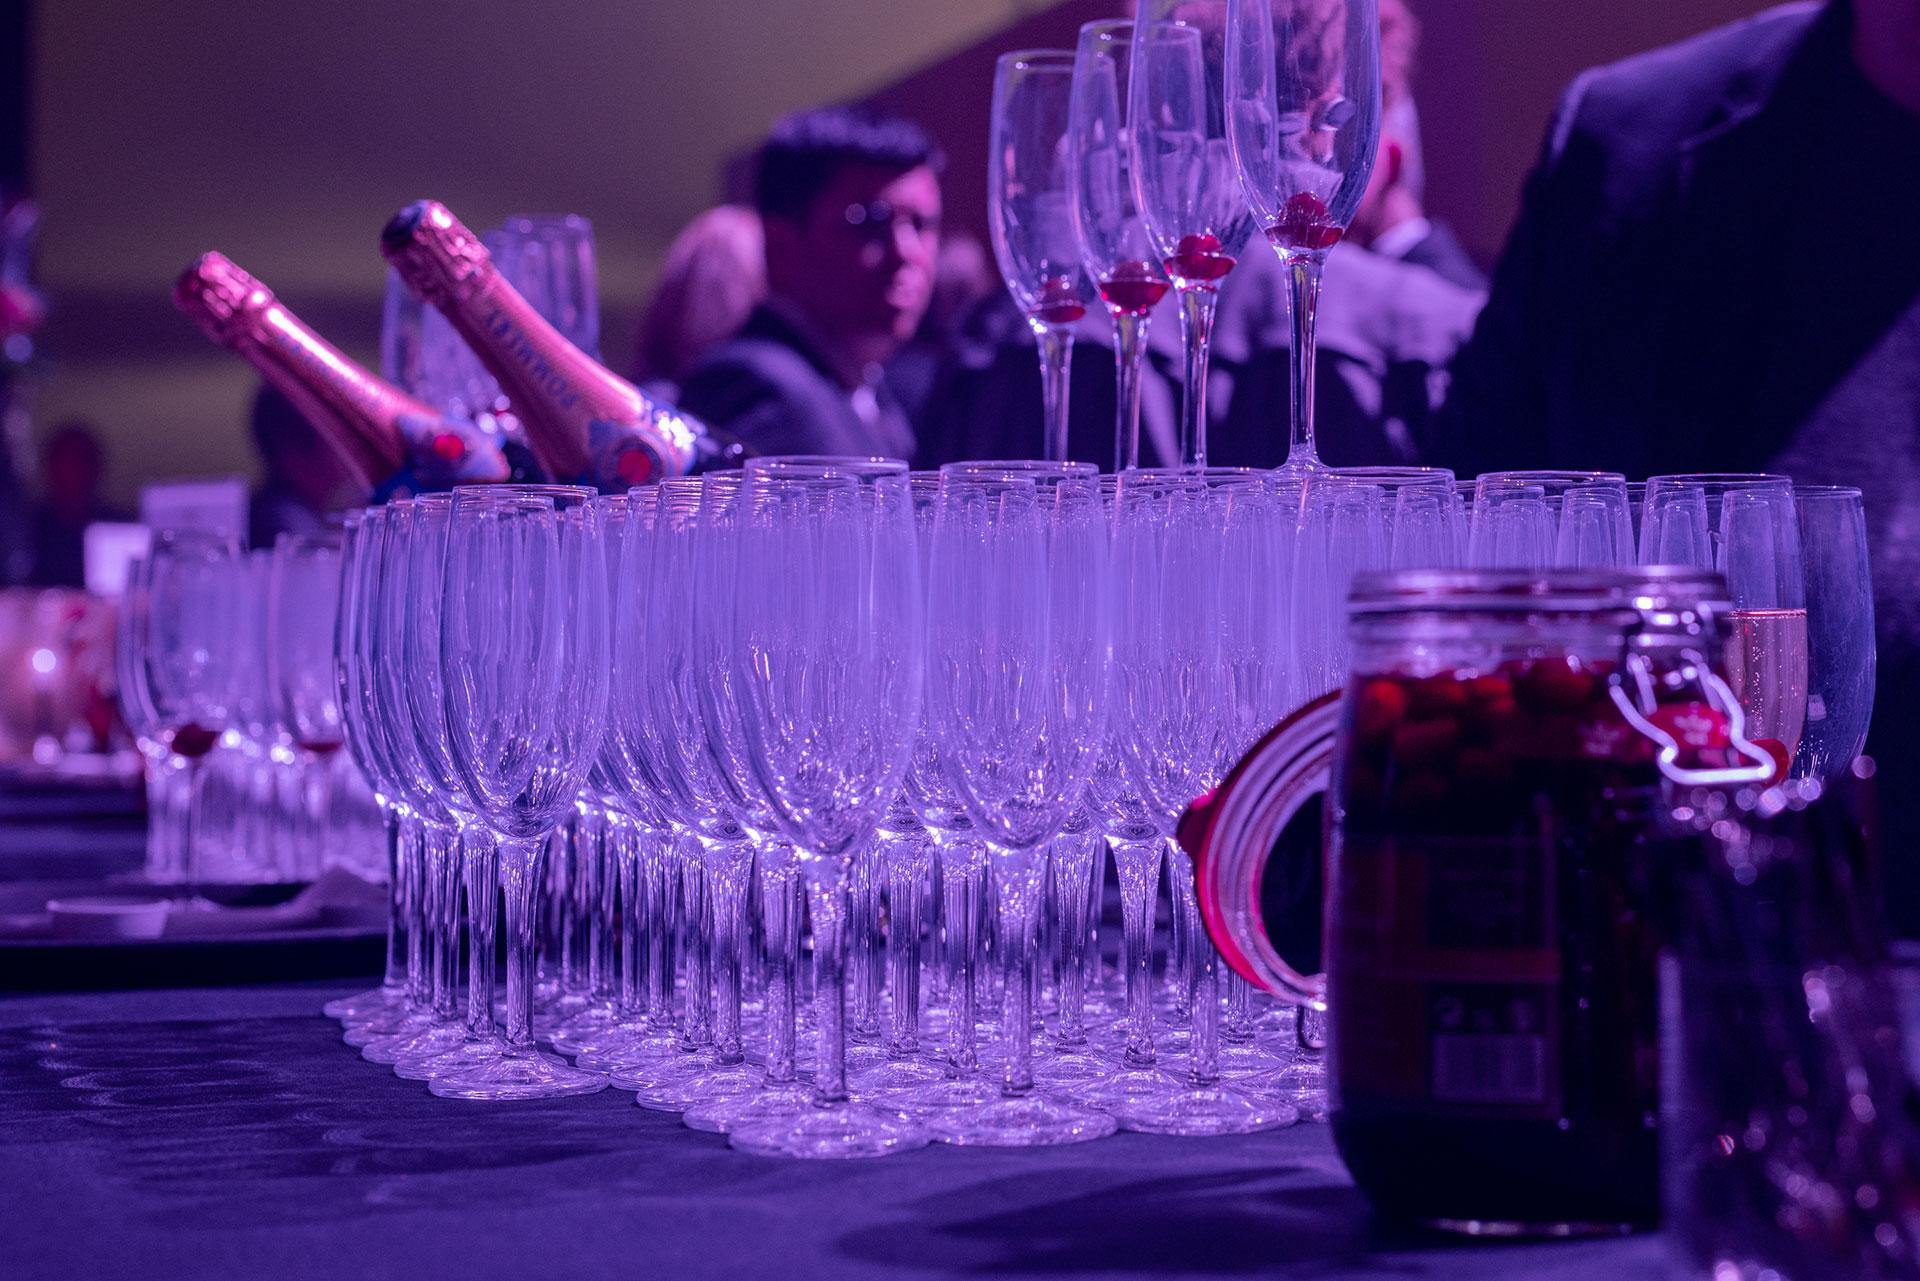 événement Lyon - Consommateurs spiritueux et champagne